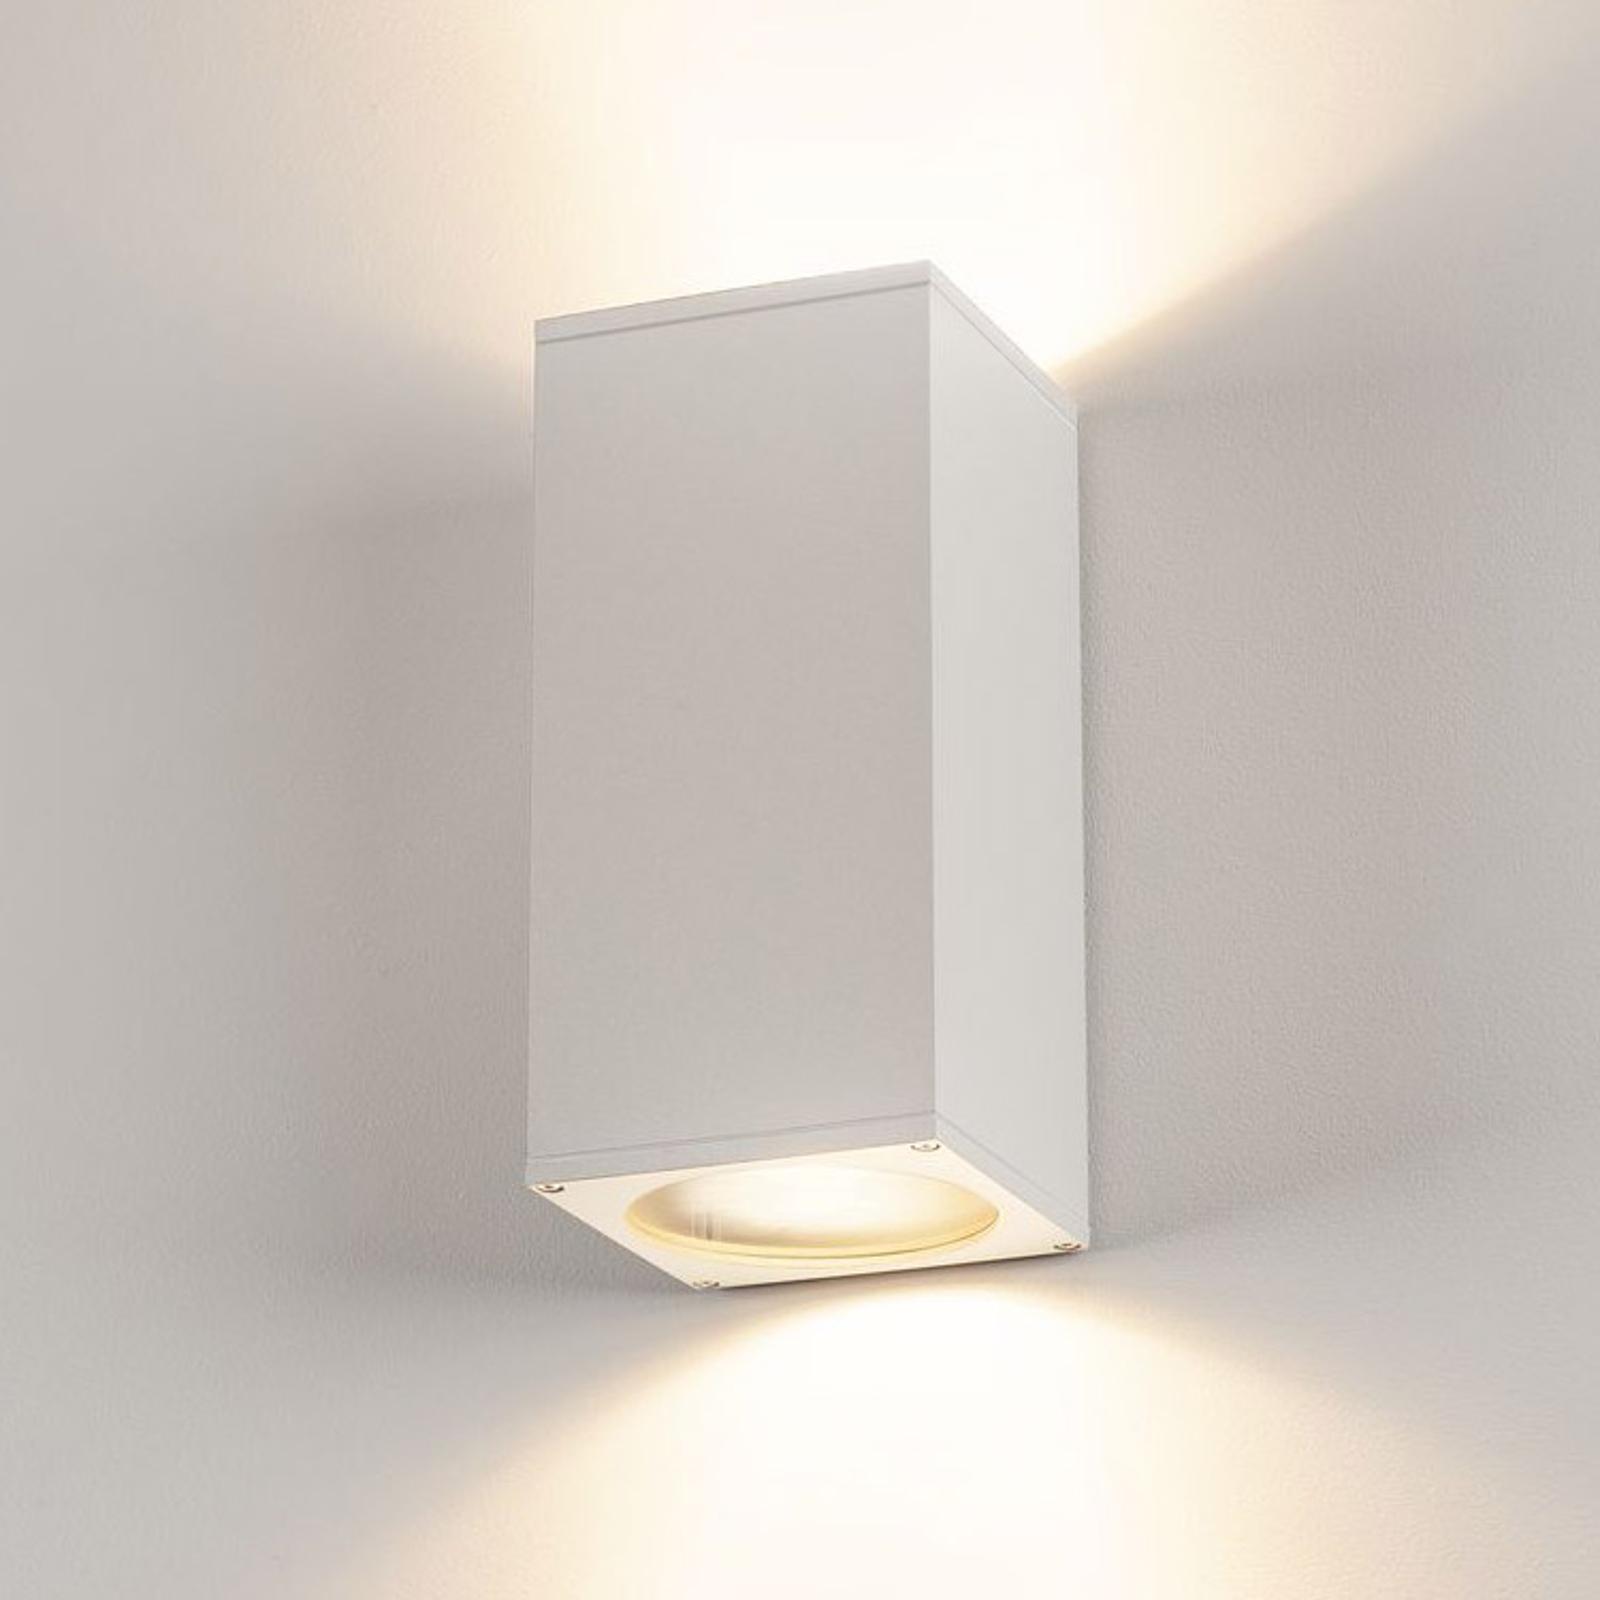 SLV Big Theo Außenwandlampe, 2fl, weiß